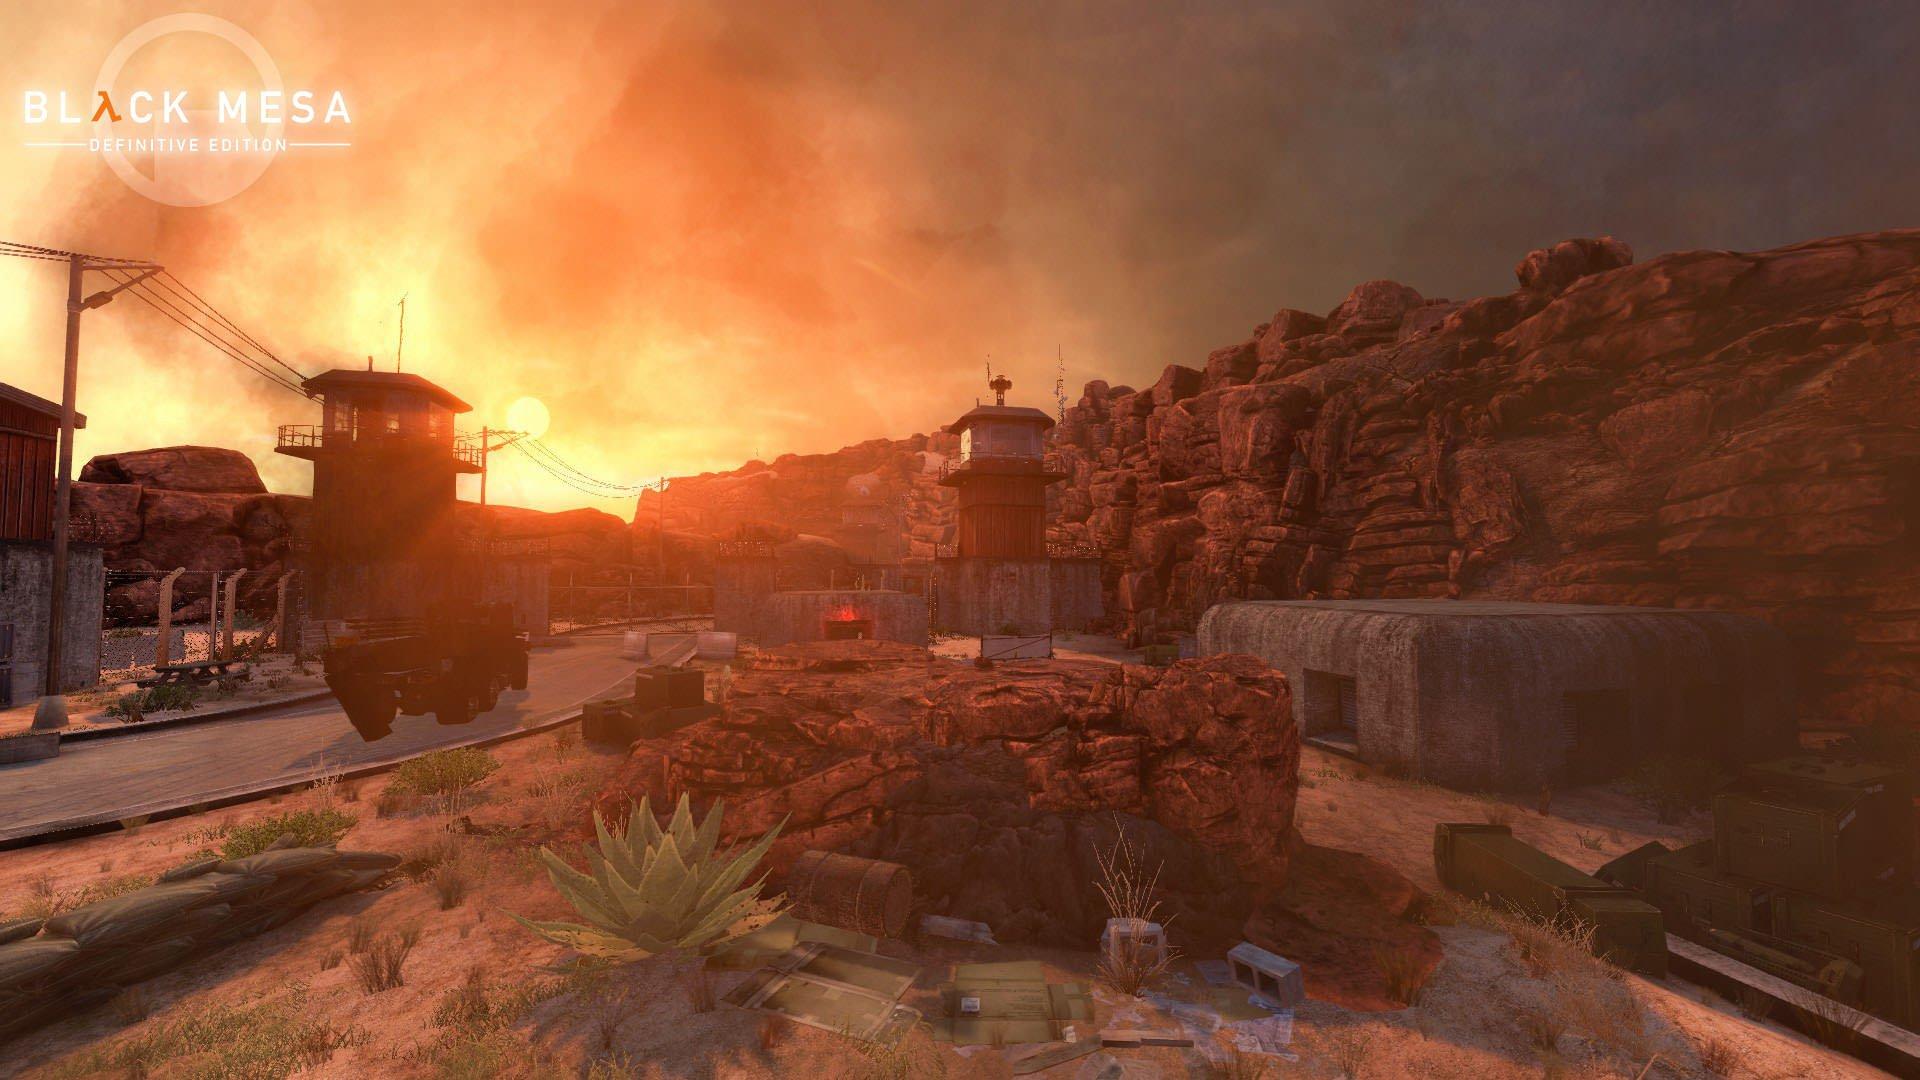 فرایند ساخت ریمیک قسمت اول Half-Life، یعنی Black Mesa پس از ۱۶ سال پایان یافت